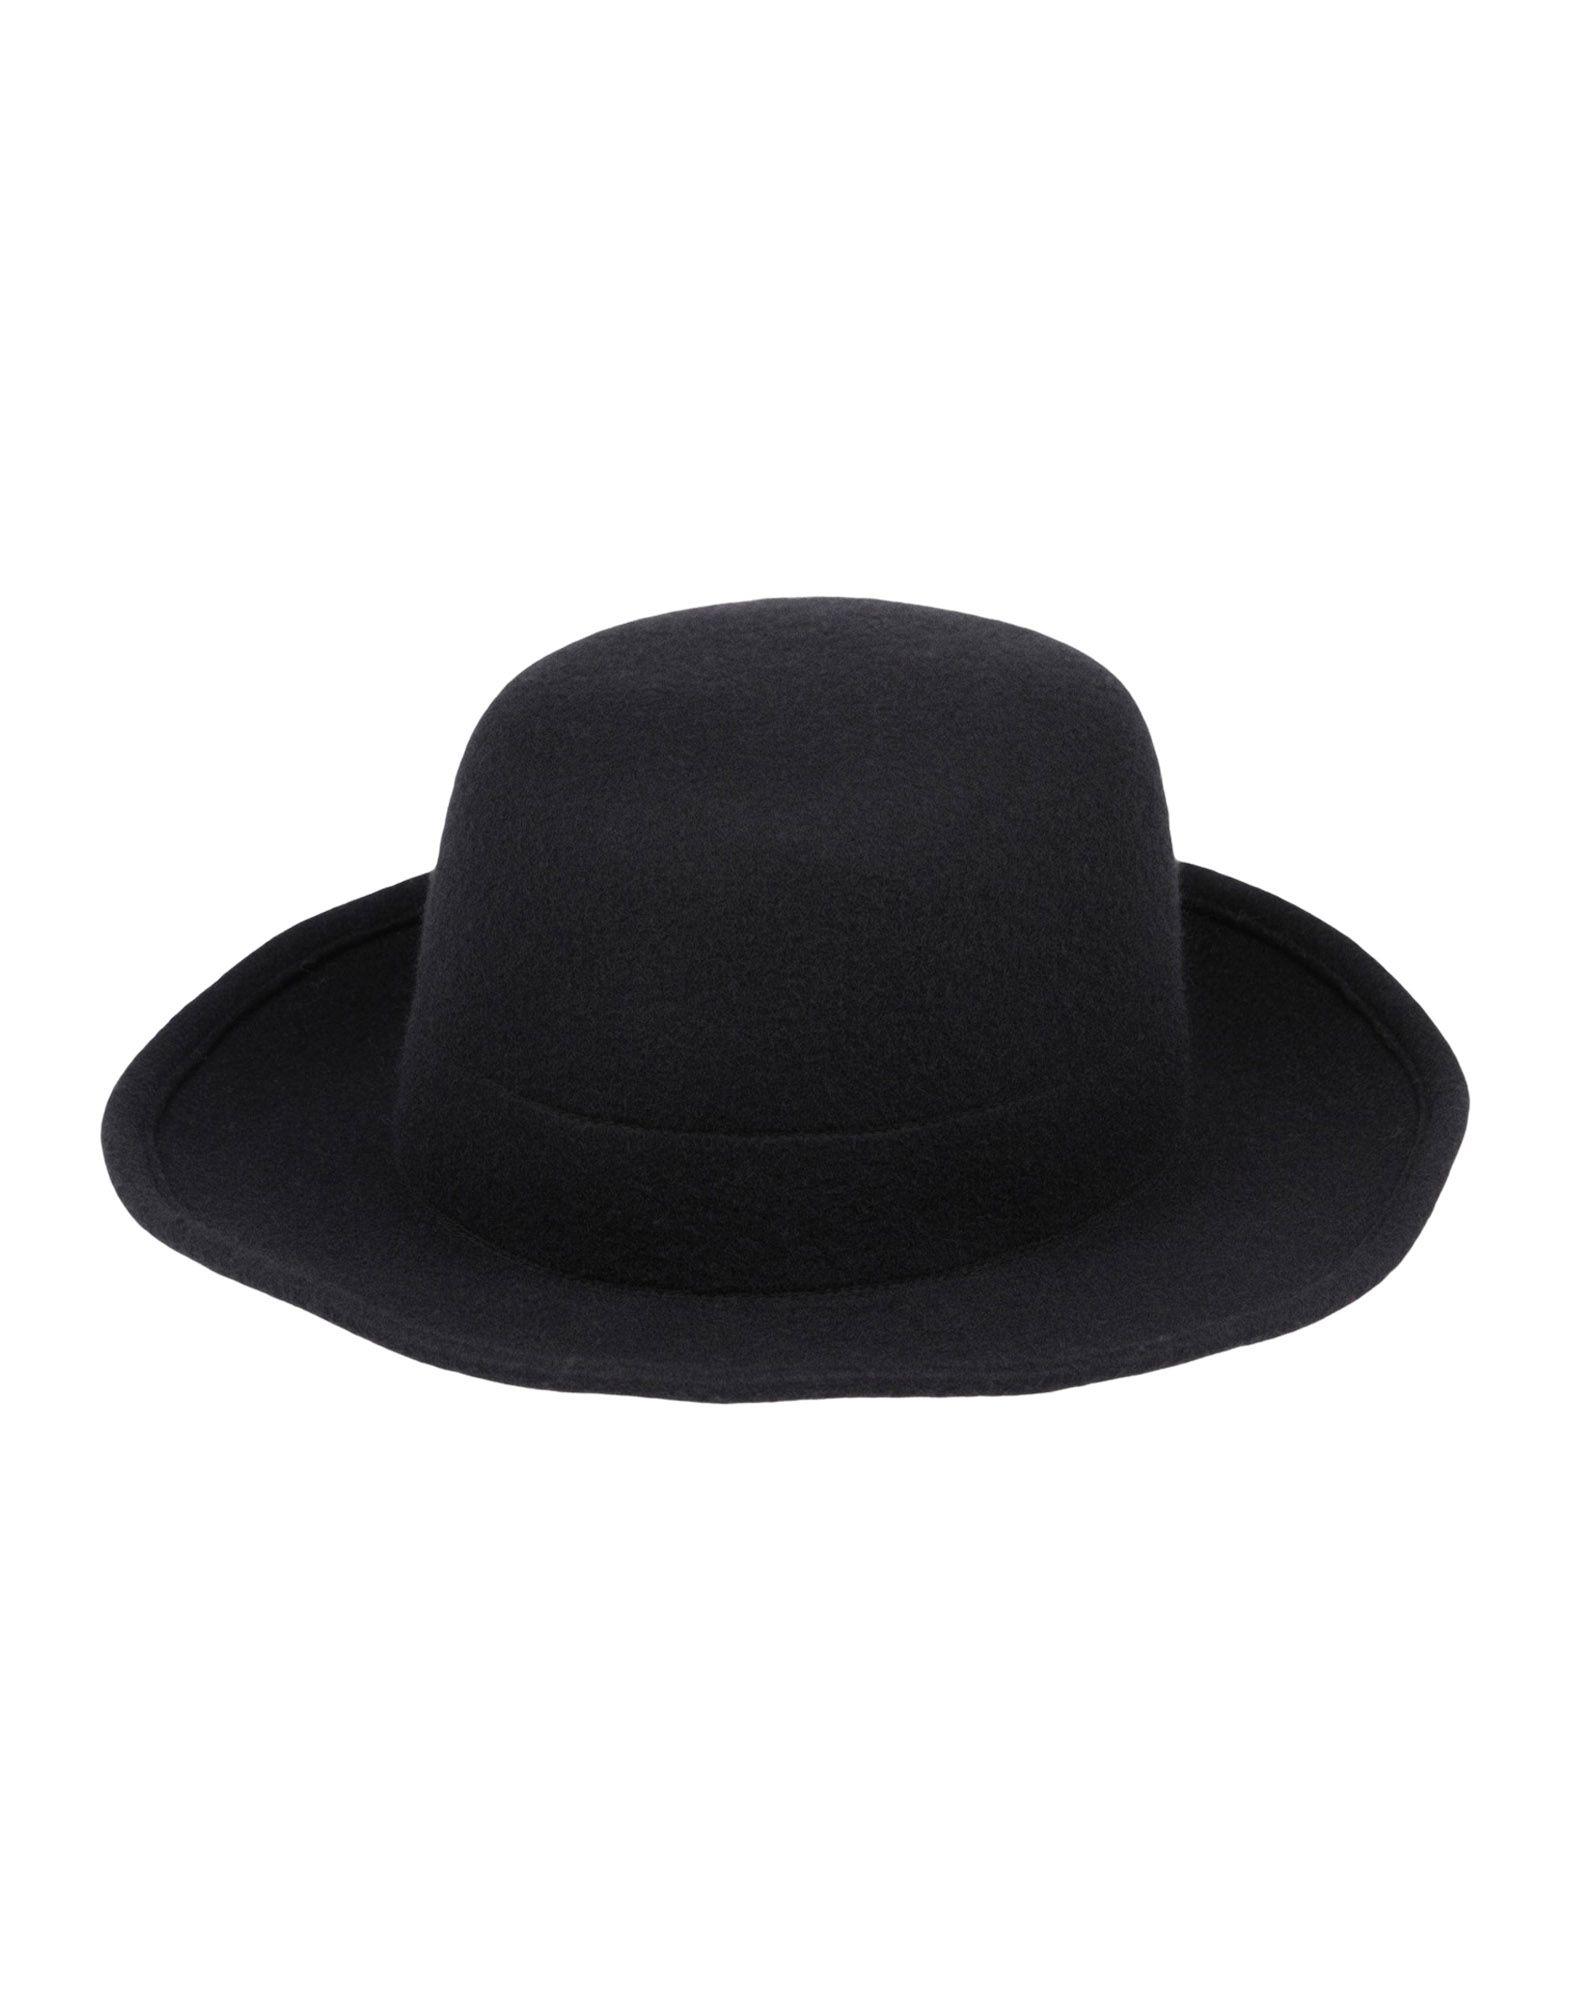 SCHA Hat in Black